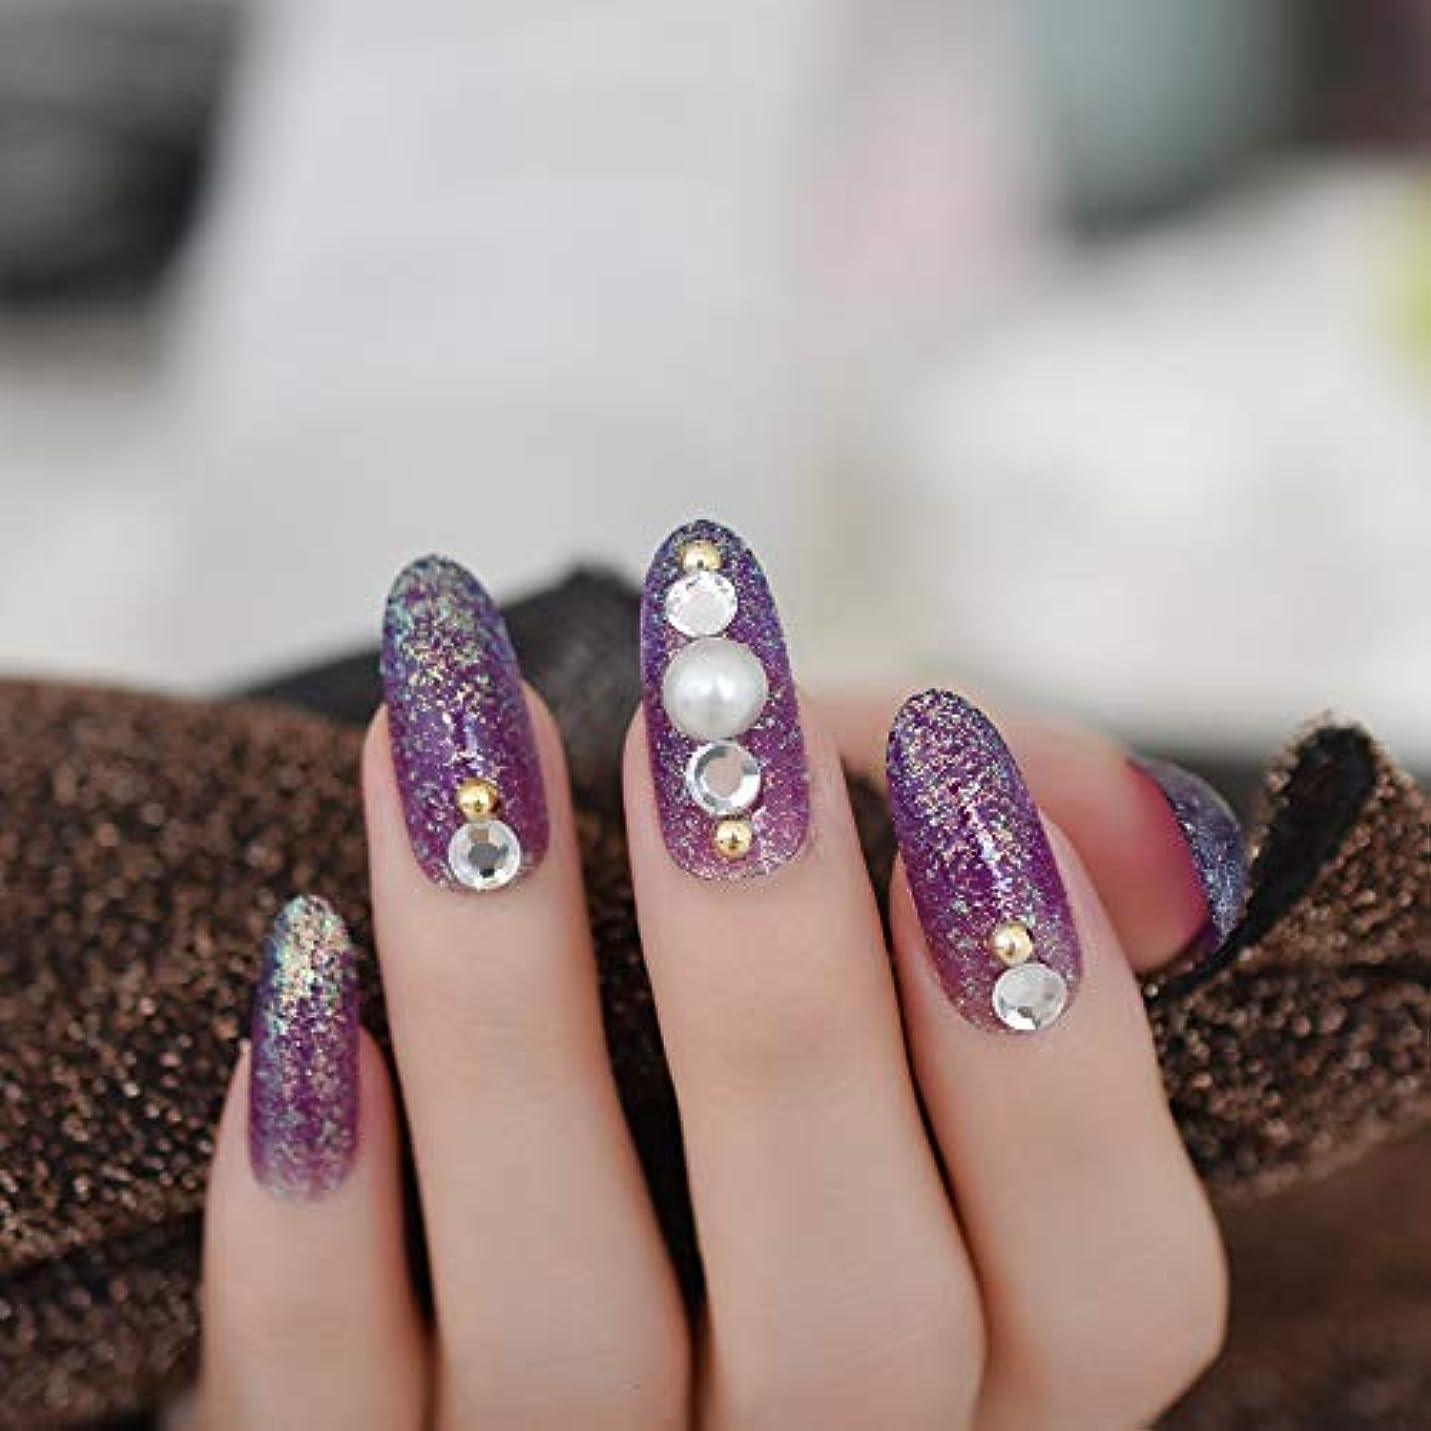 石のクレデンシャル内部XUTXZKA 指のタブのために装飾された長い楕円形のキラキラ偽の釘紫大